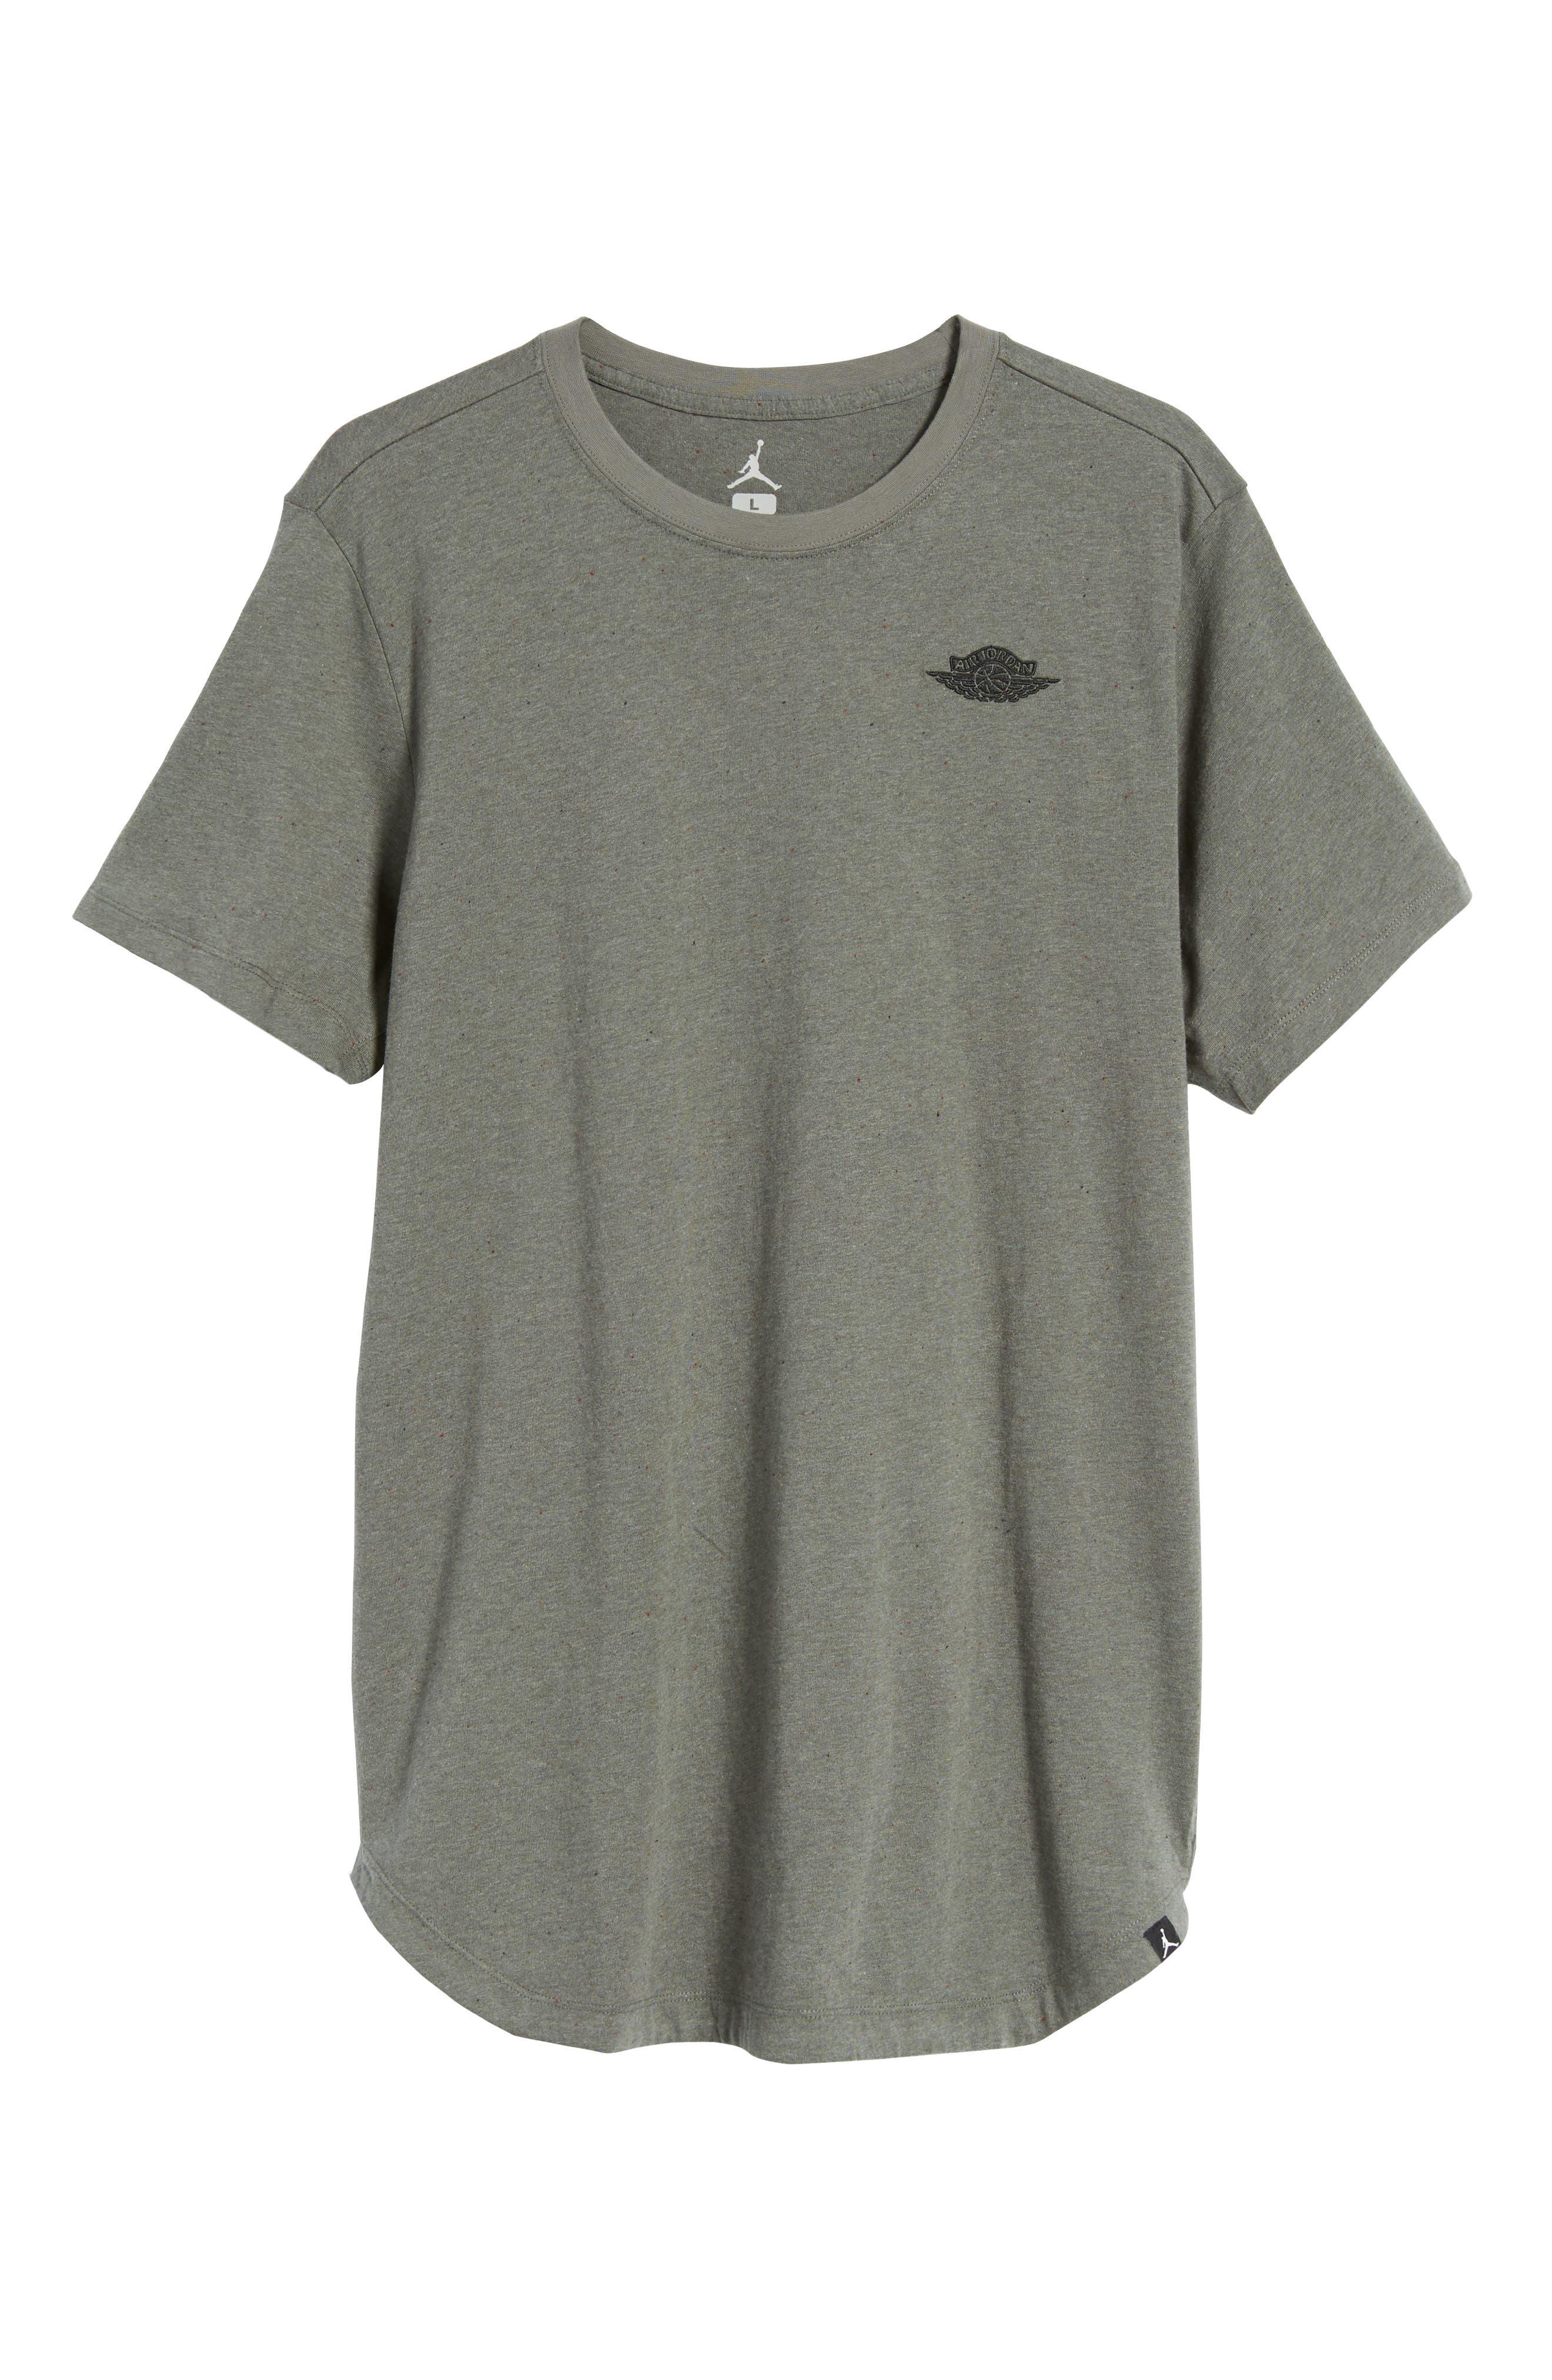 Future 2 T-Shirt,                             Alternate thumbnail 6, color,                             White/ Black